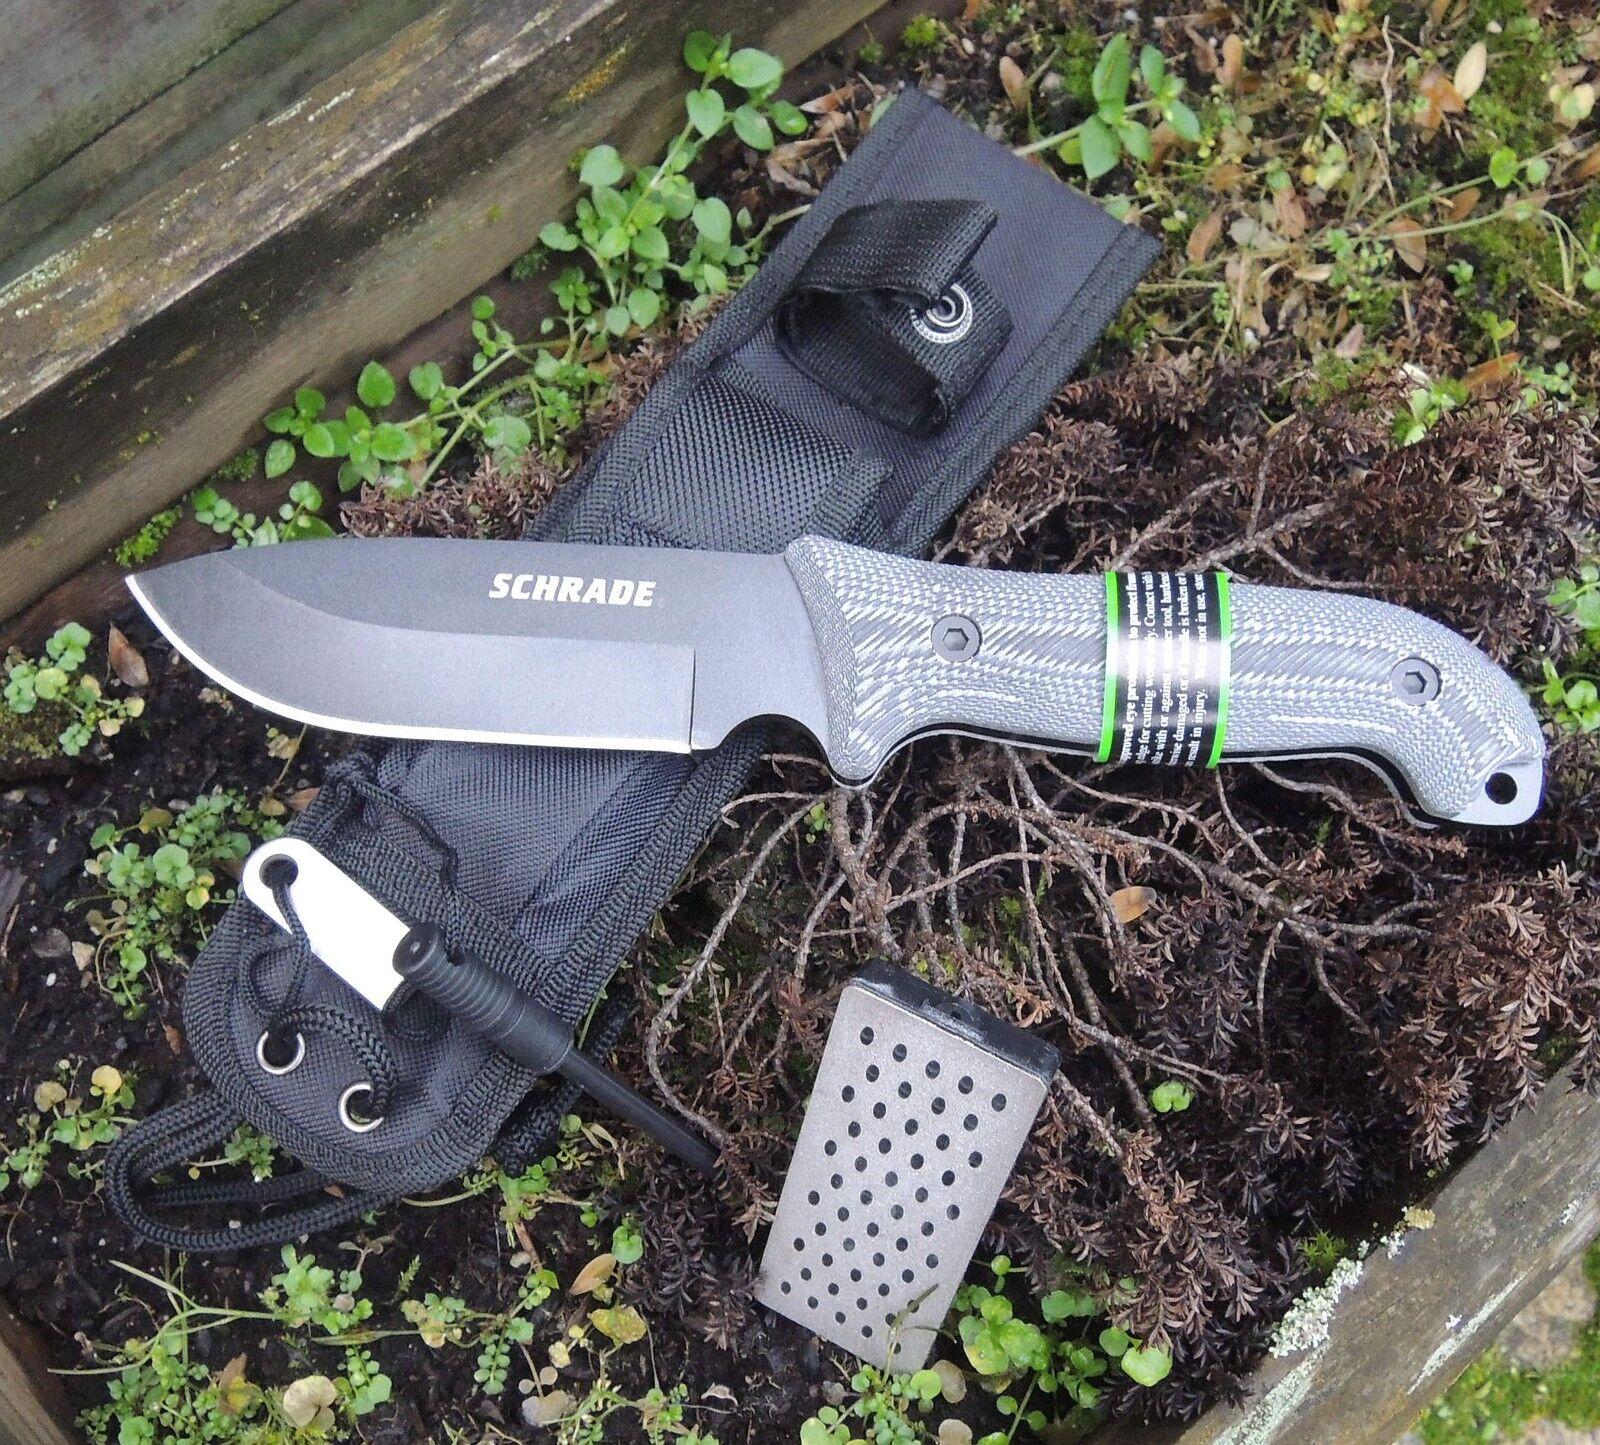 SCHRADE Frontier Frontier Frontier Messer SCHF51M Outdoormesser 1095 Stahl Micartagriff + Scheide 5500bd